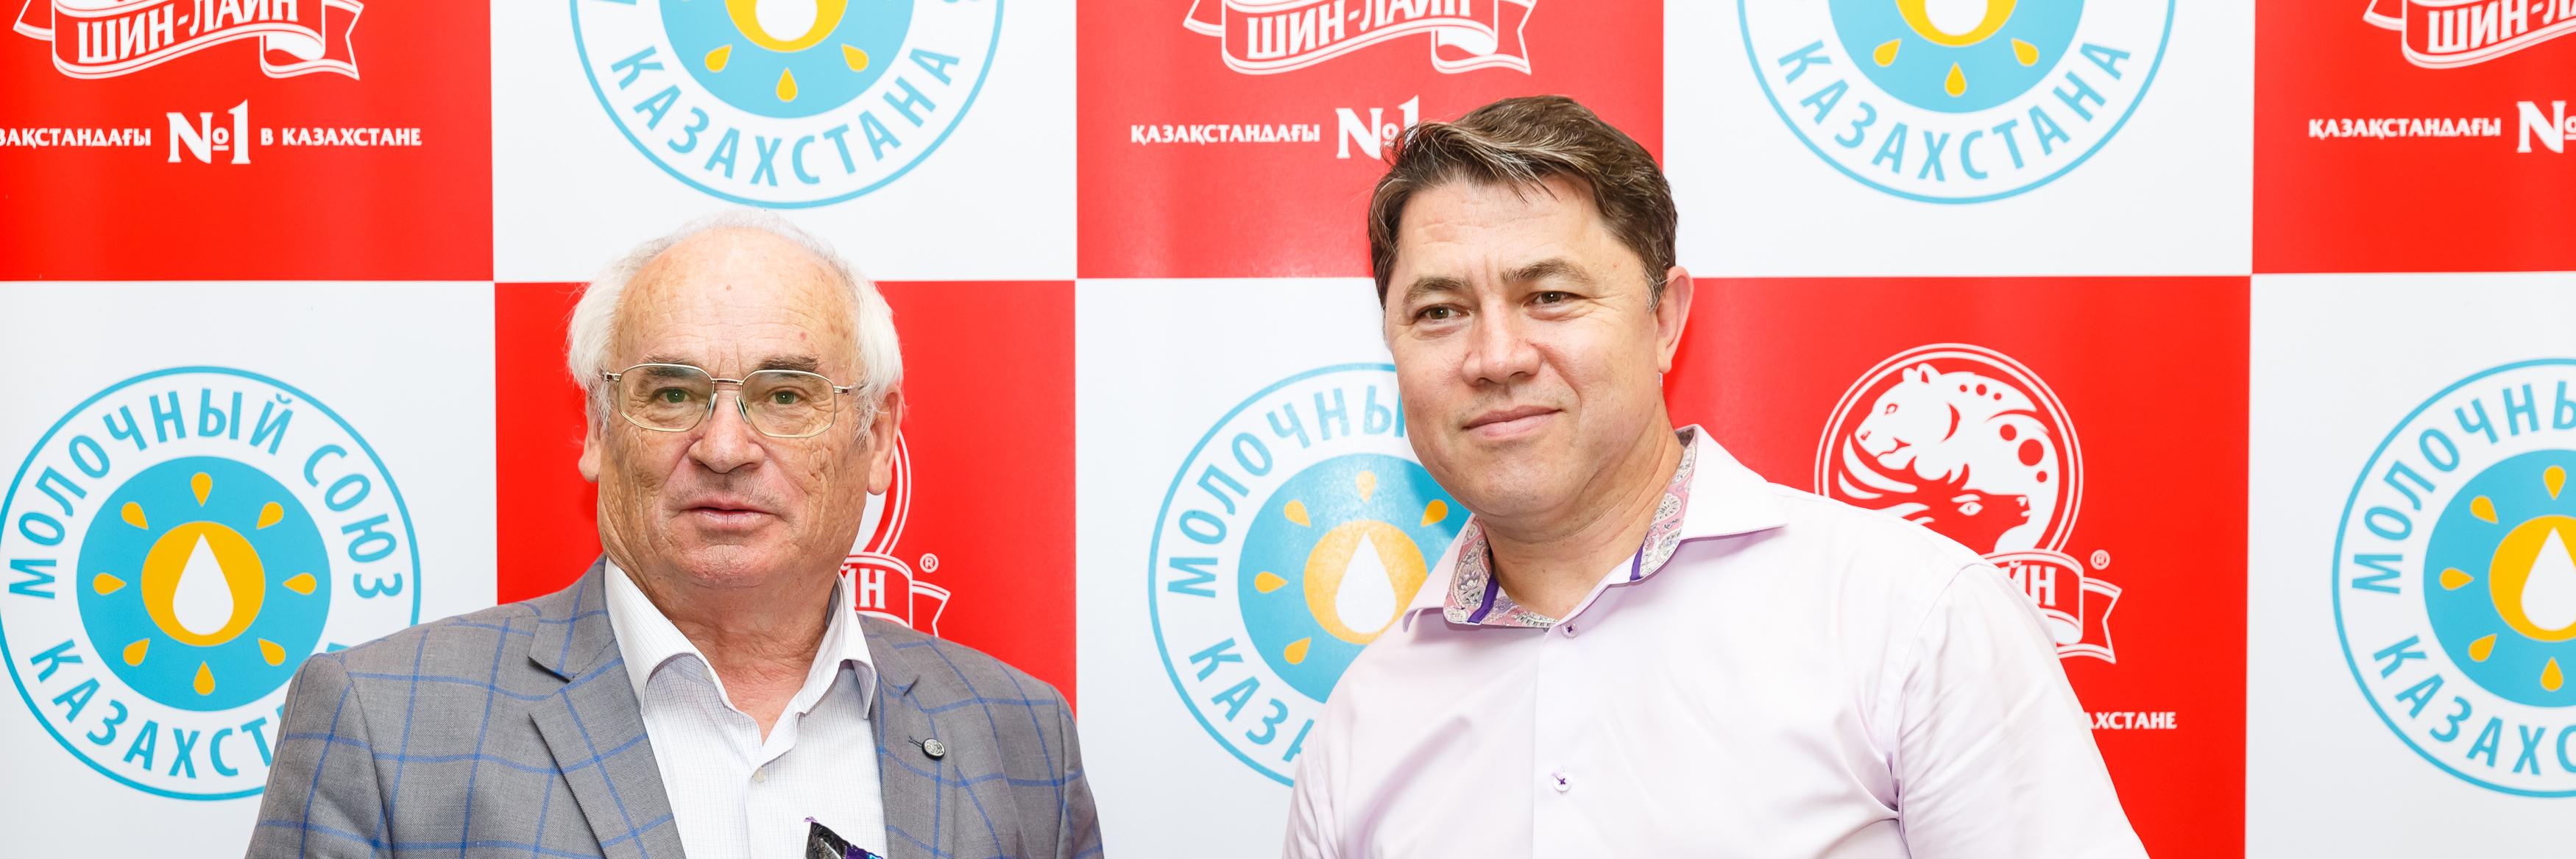 «Шин-Лайн» совместно с Молочным союзом Казахстана поможет отечественным производителям мороженого поднять качество продукции